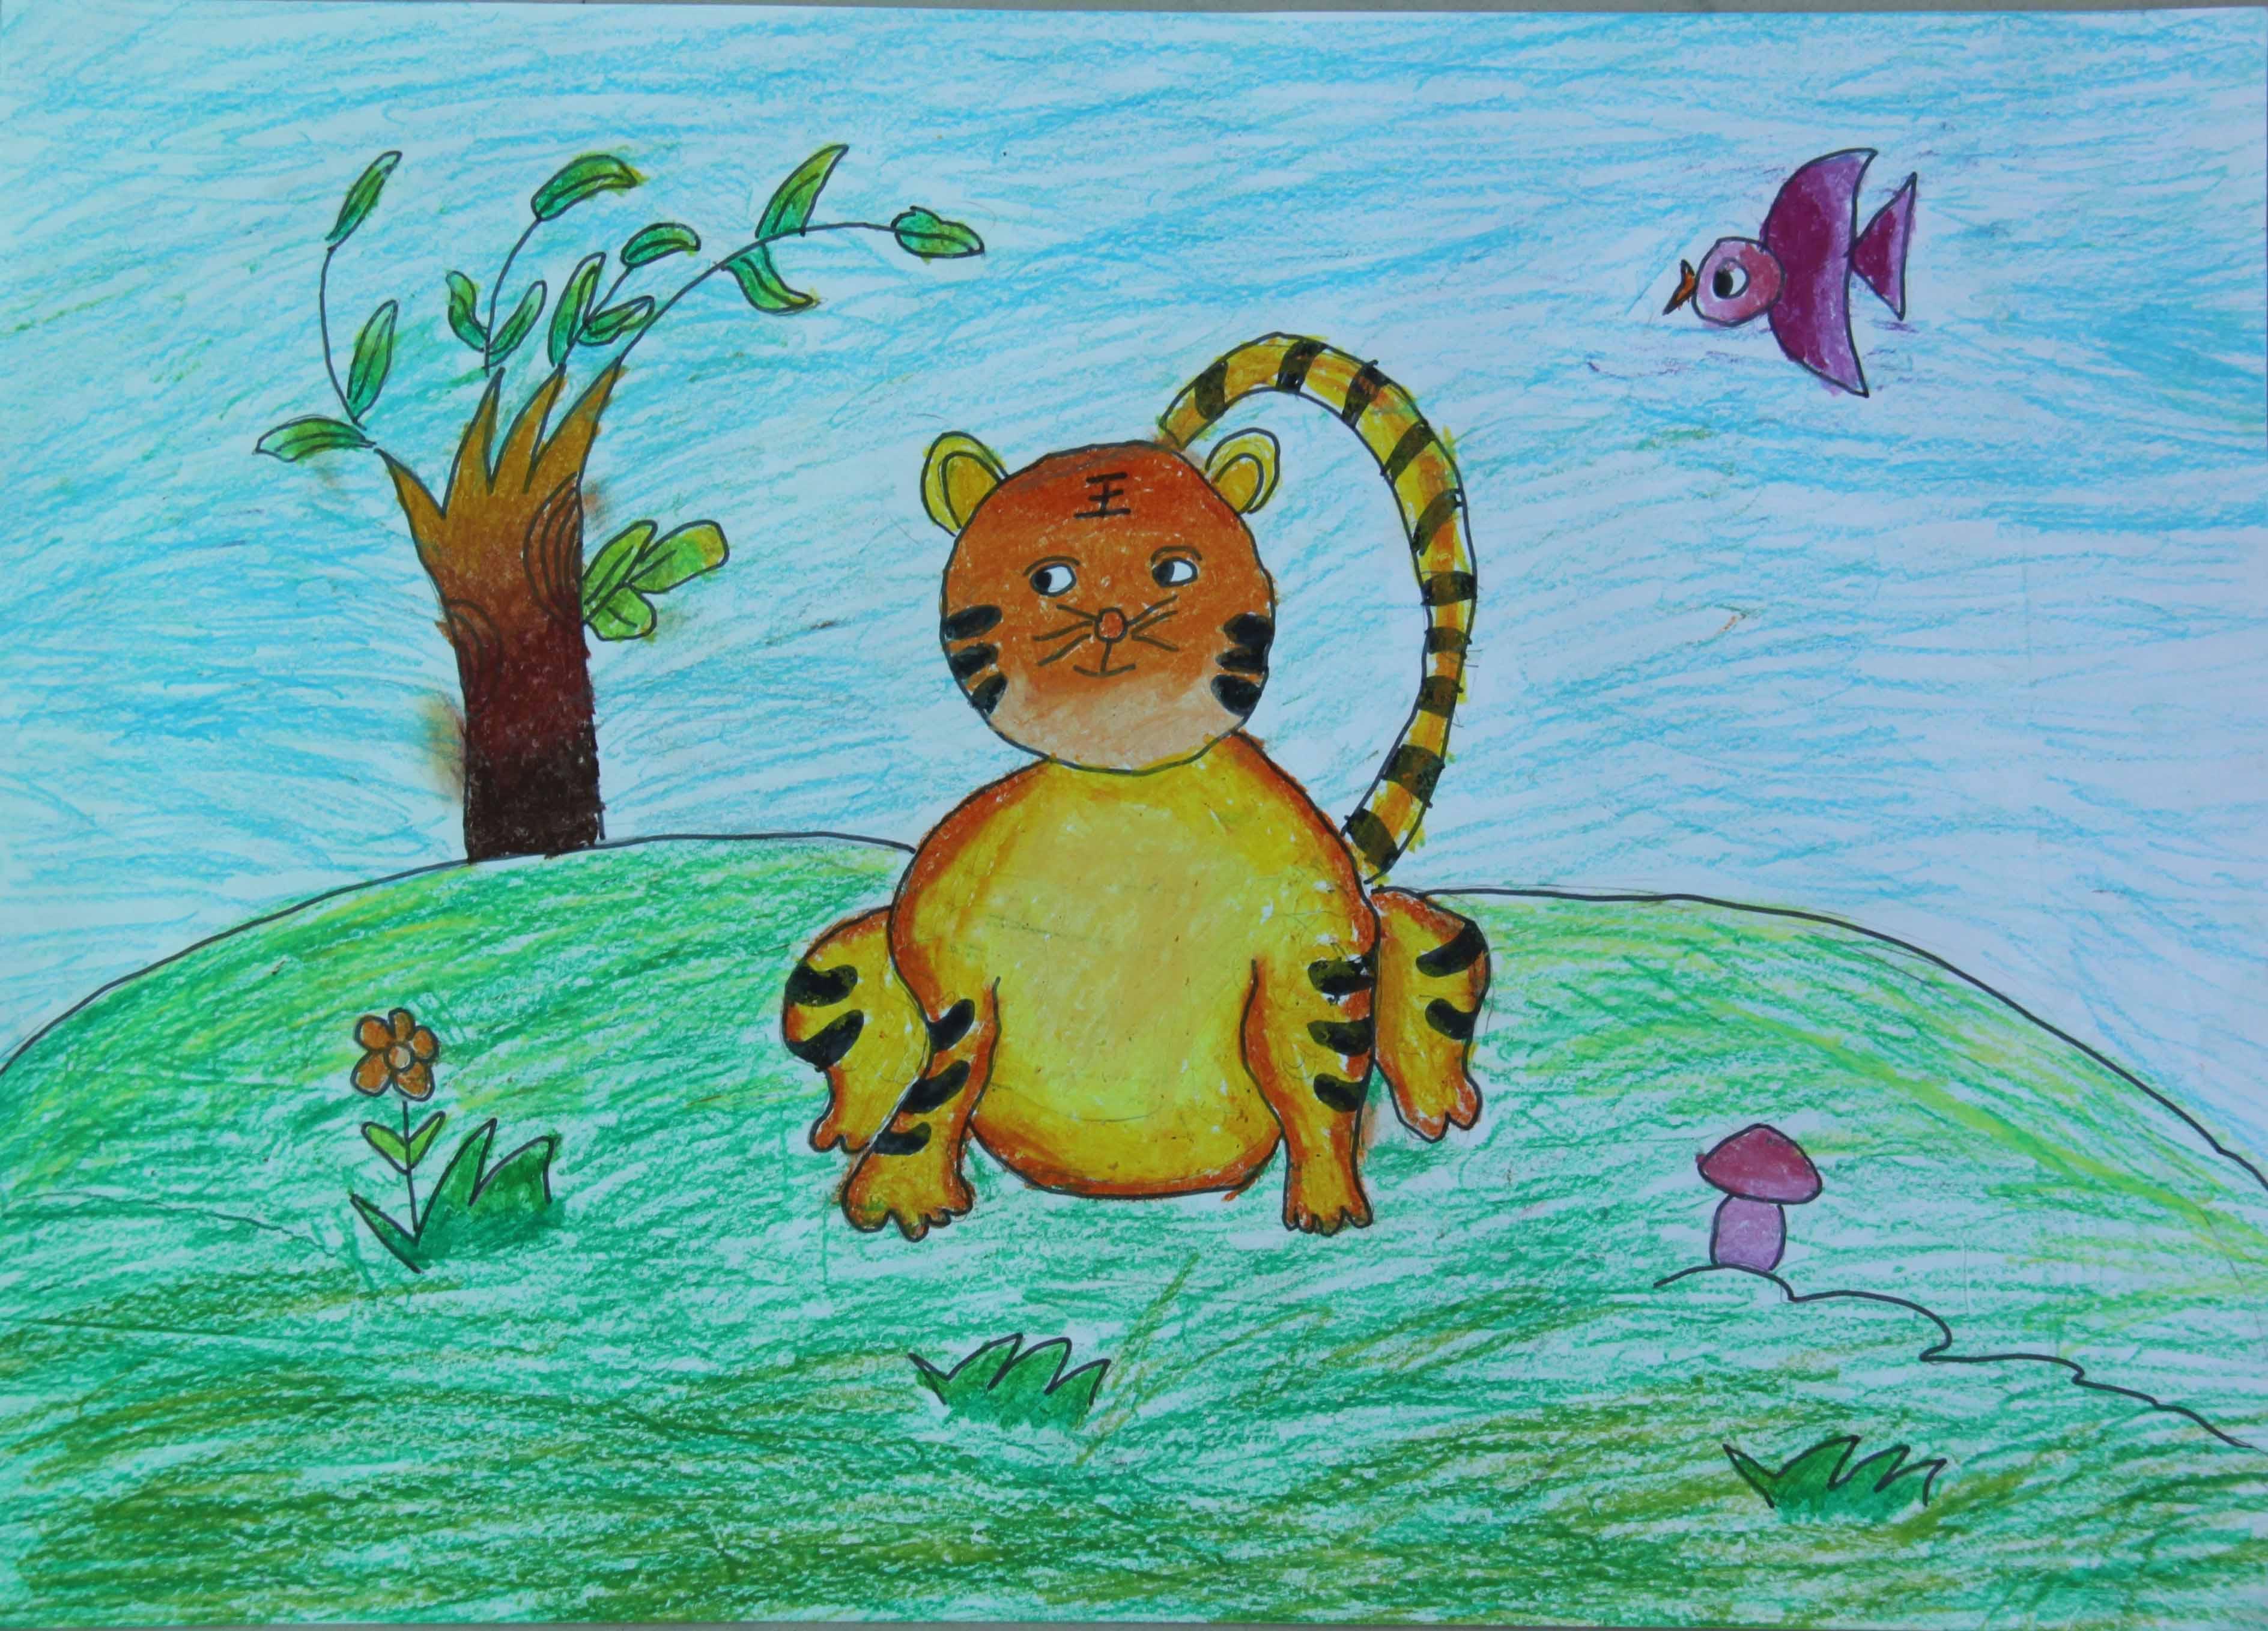 动物园儿童画-孤独的老虎作为森林王国的统治者,老虎几乎没有什么知心的朋友,现在它终于承认,原来自己也有软弱的一面。它多么渴望可以像其他动物一样,享受与朋友相处的快乐,能在犯错误时得到动物们的提醒和忠告。小朋友们,你们是像老虎这样的,还是怎样的呢?